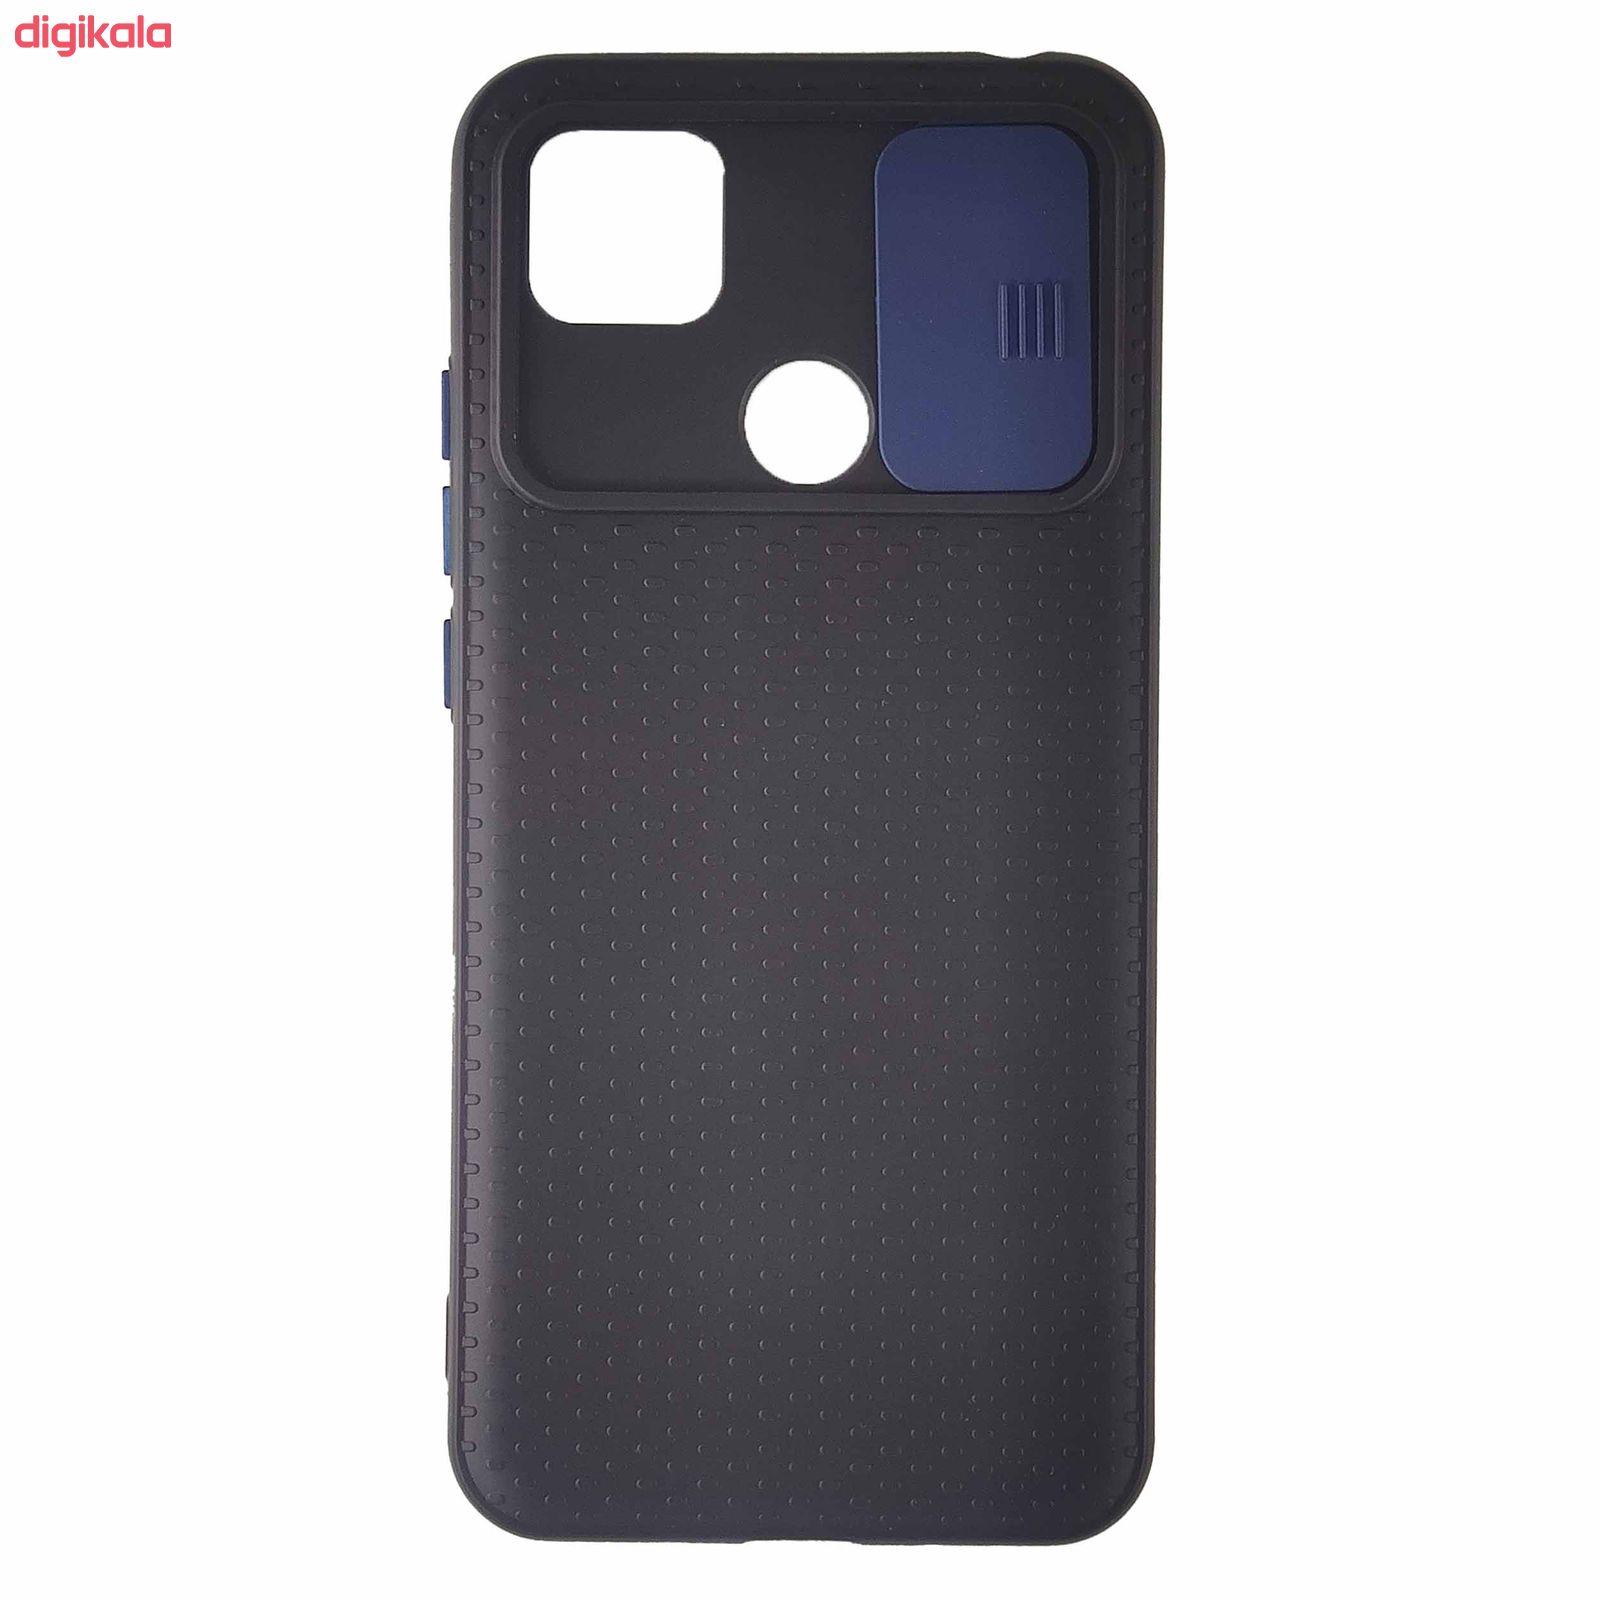 کاور مدل TEM مناسب برای گوشی موبایل شیائومی Redmi 9c main 1 7